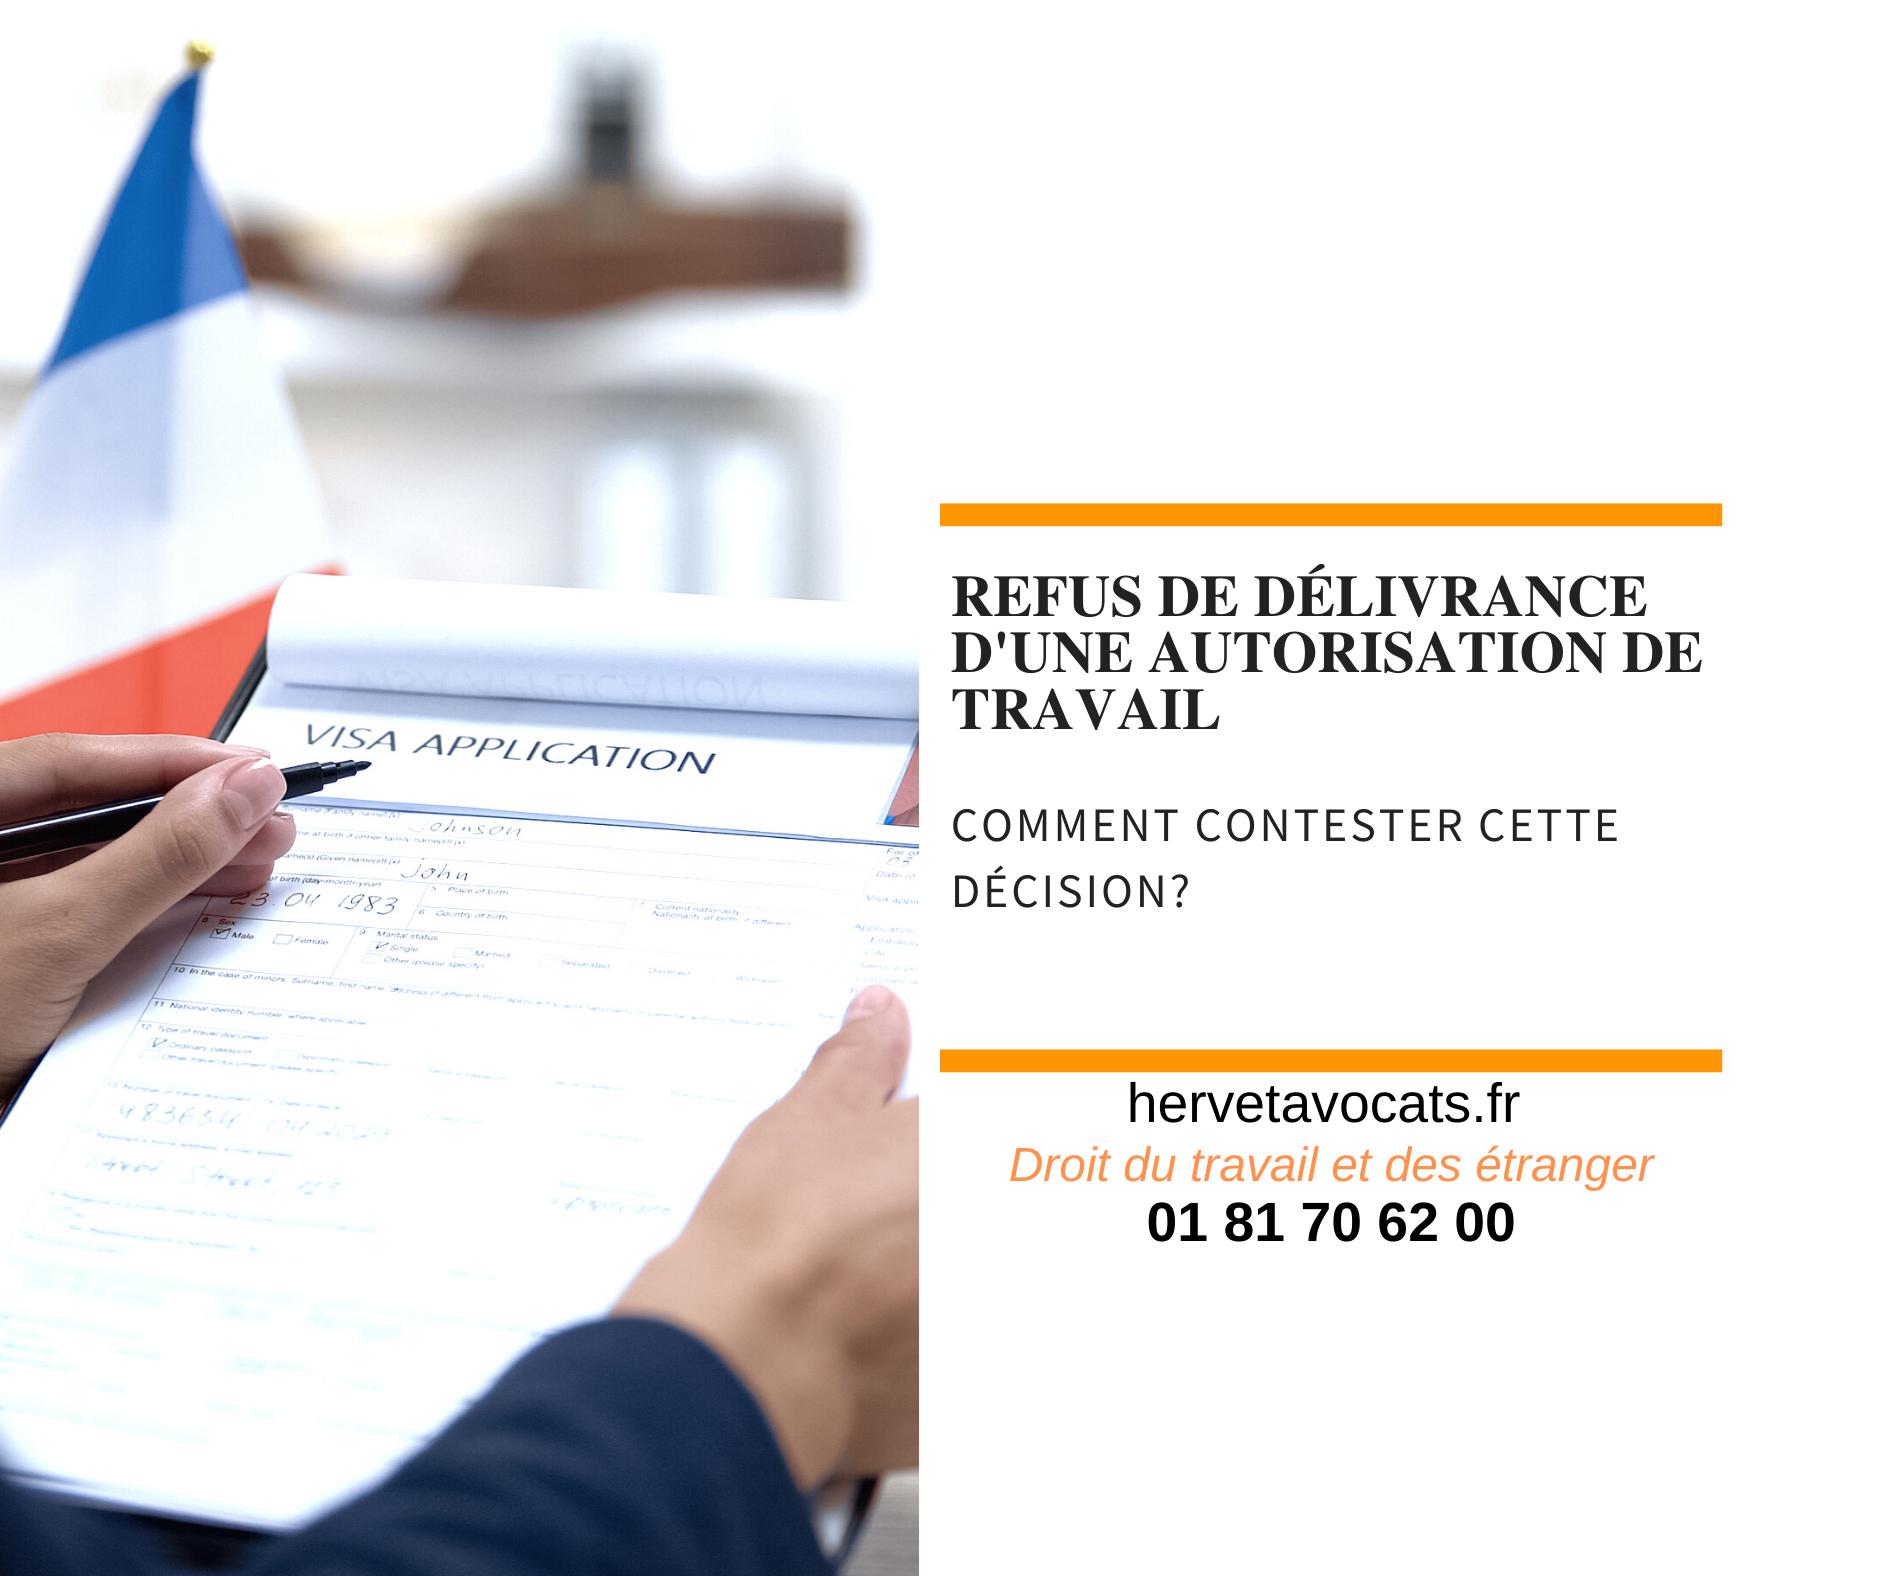 Le refus de délivrance d'une autorisation de travail à l'étranger : comment contester une telle décision ?